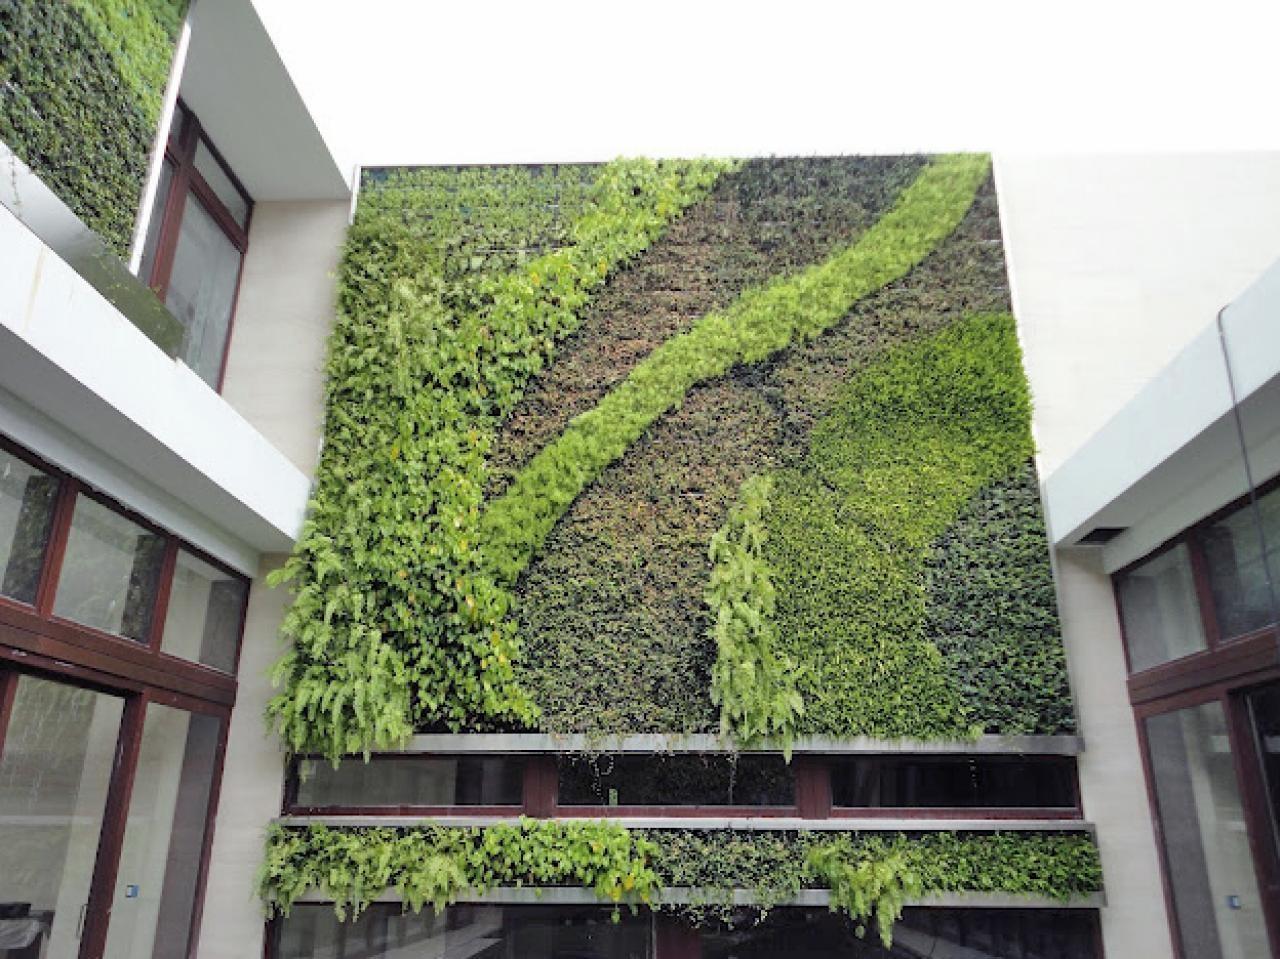 Art: Modern Outdoor Wall Art Pertaining To Modern Outdoor Wall Art (Image 4 of 20)